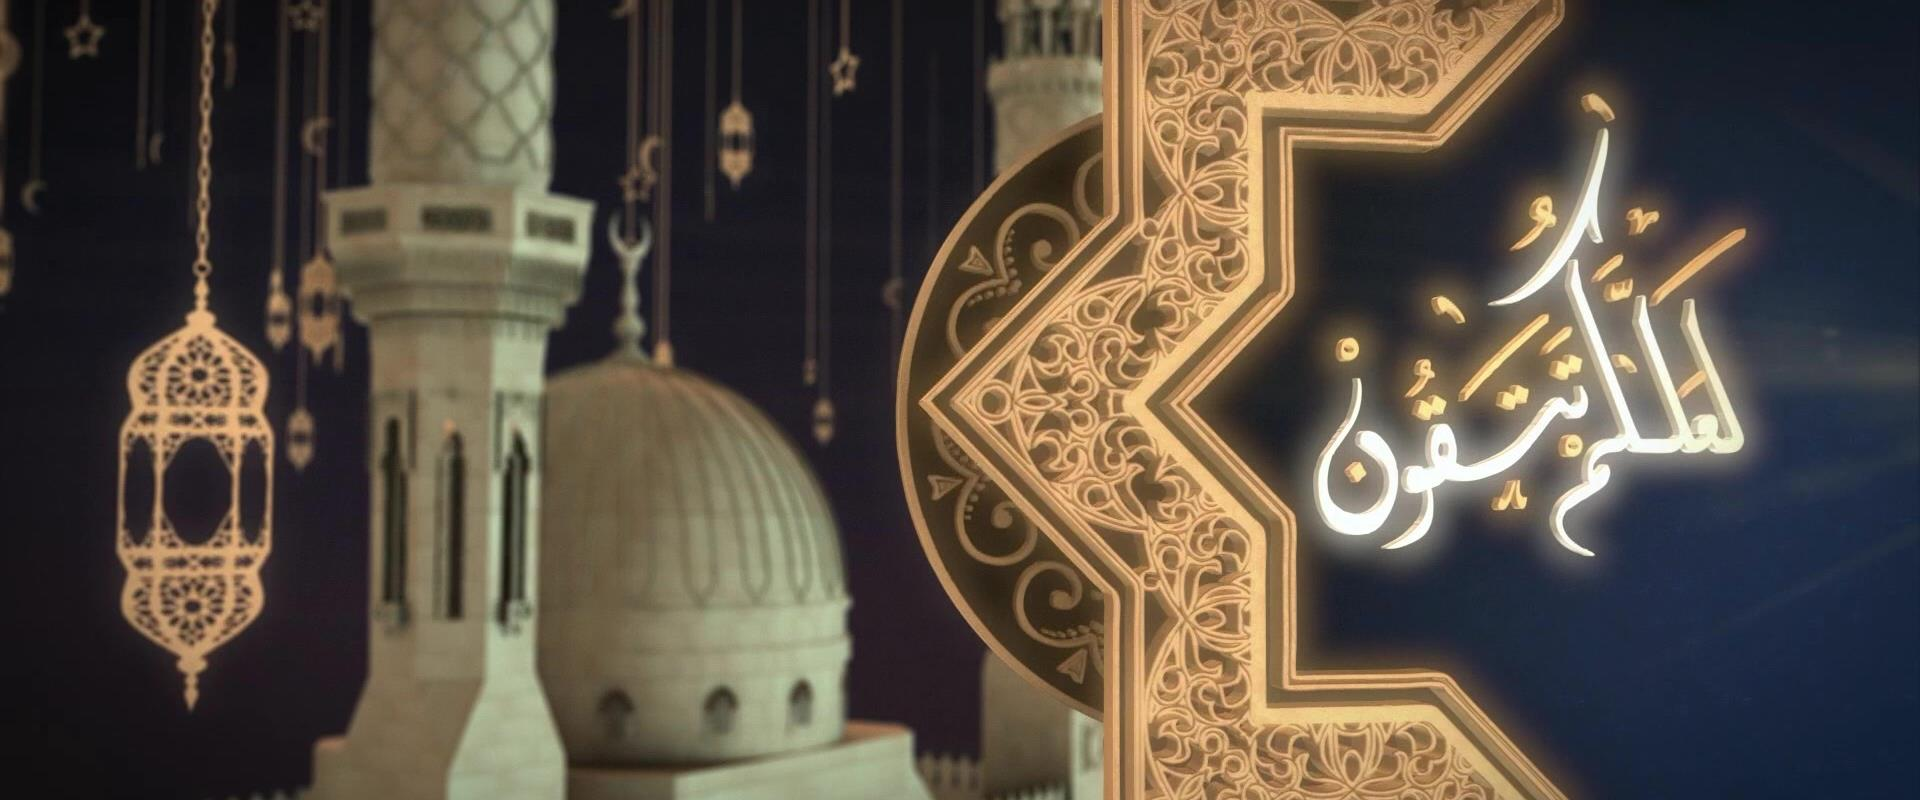 لعلكم تتقون | 19 رمضان - الشيخ سليمان سطل